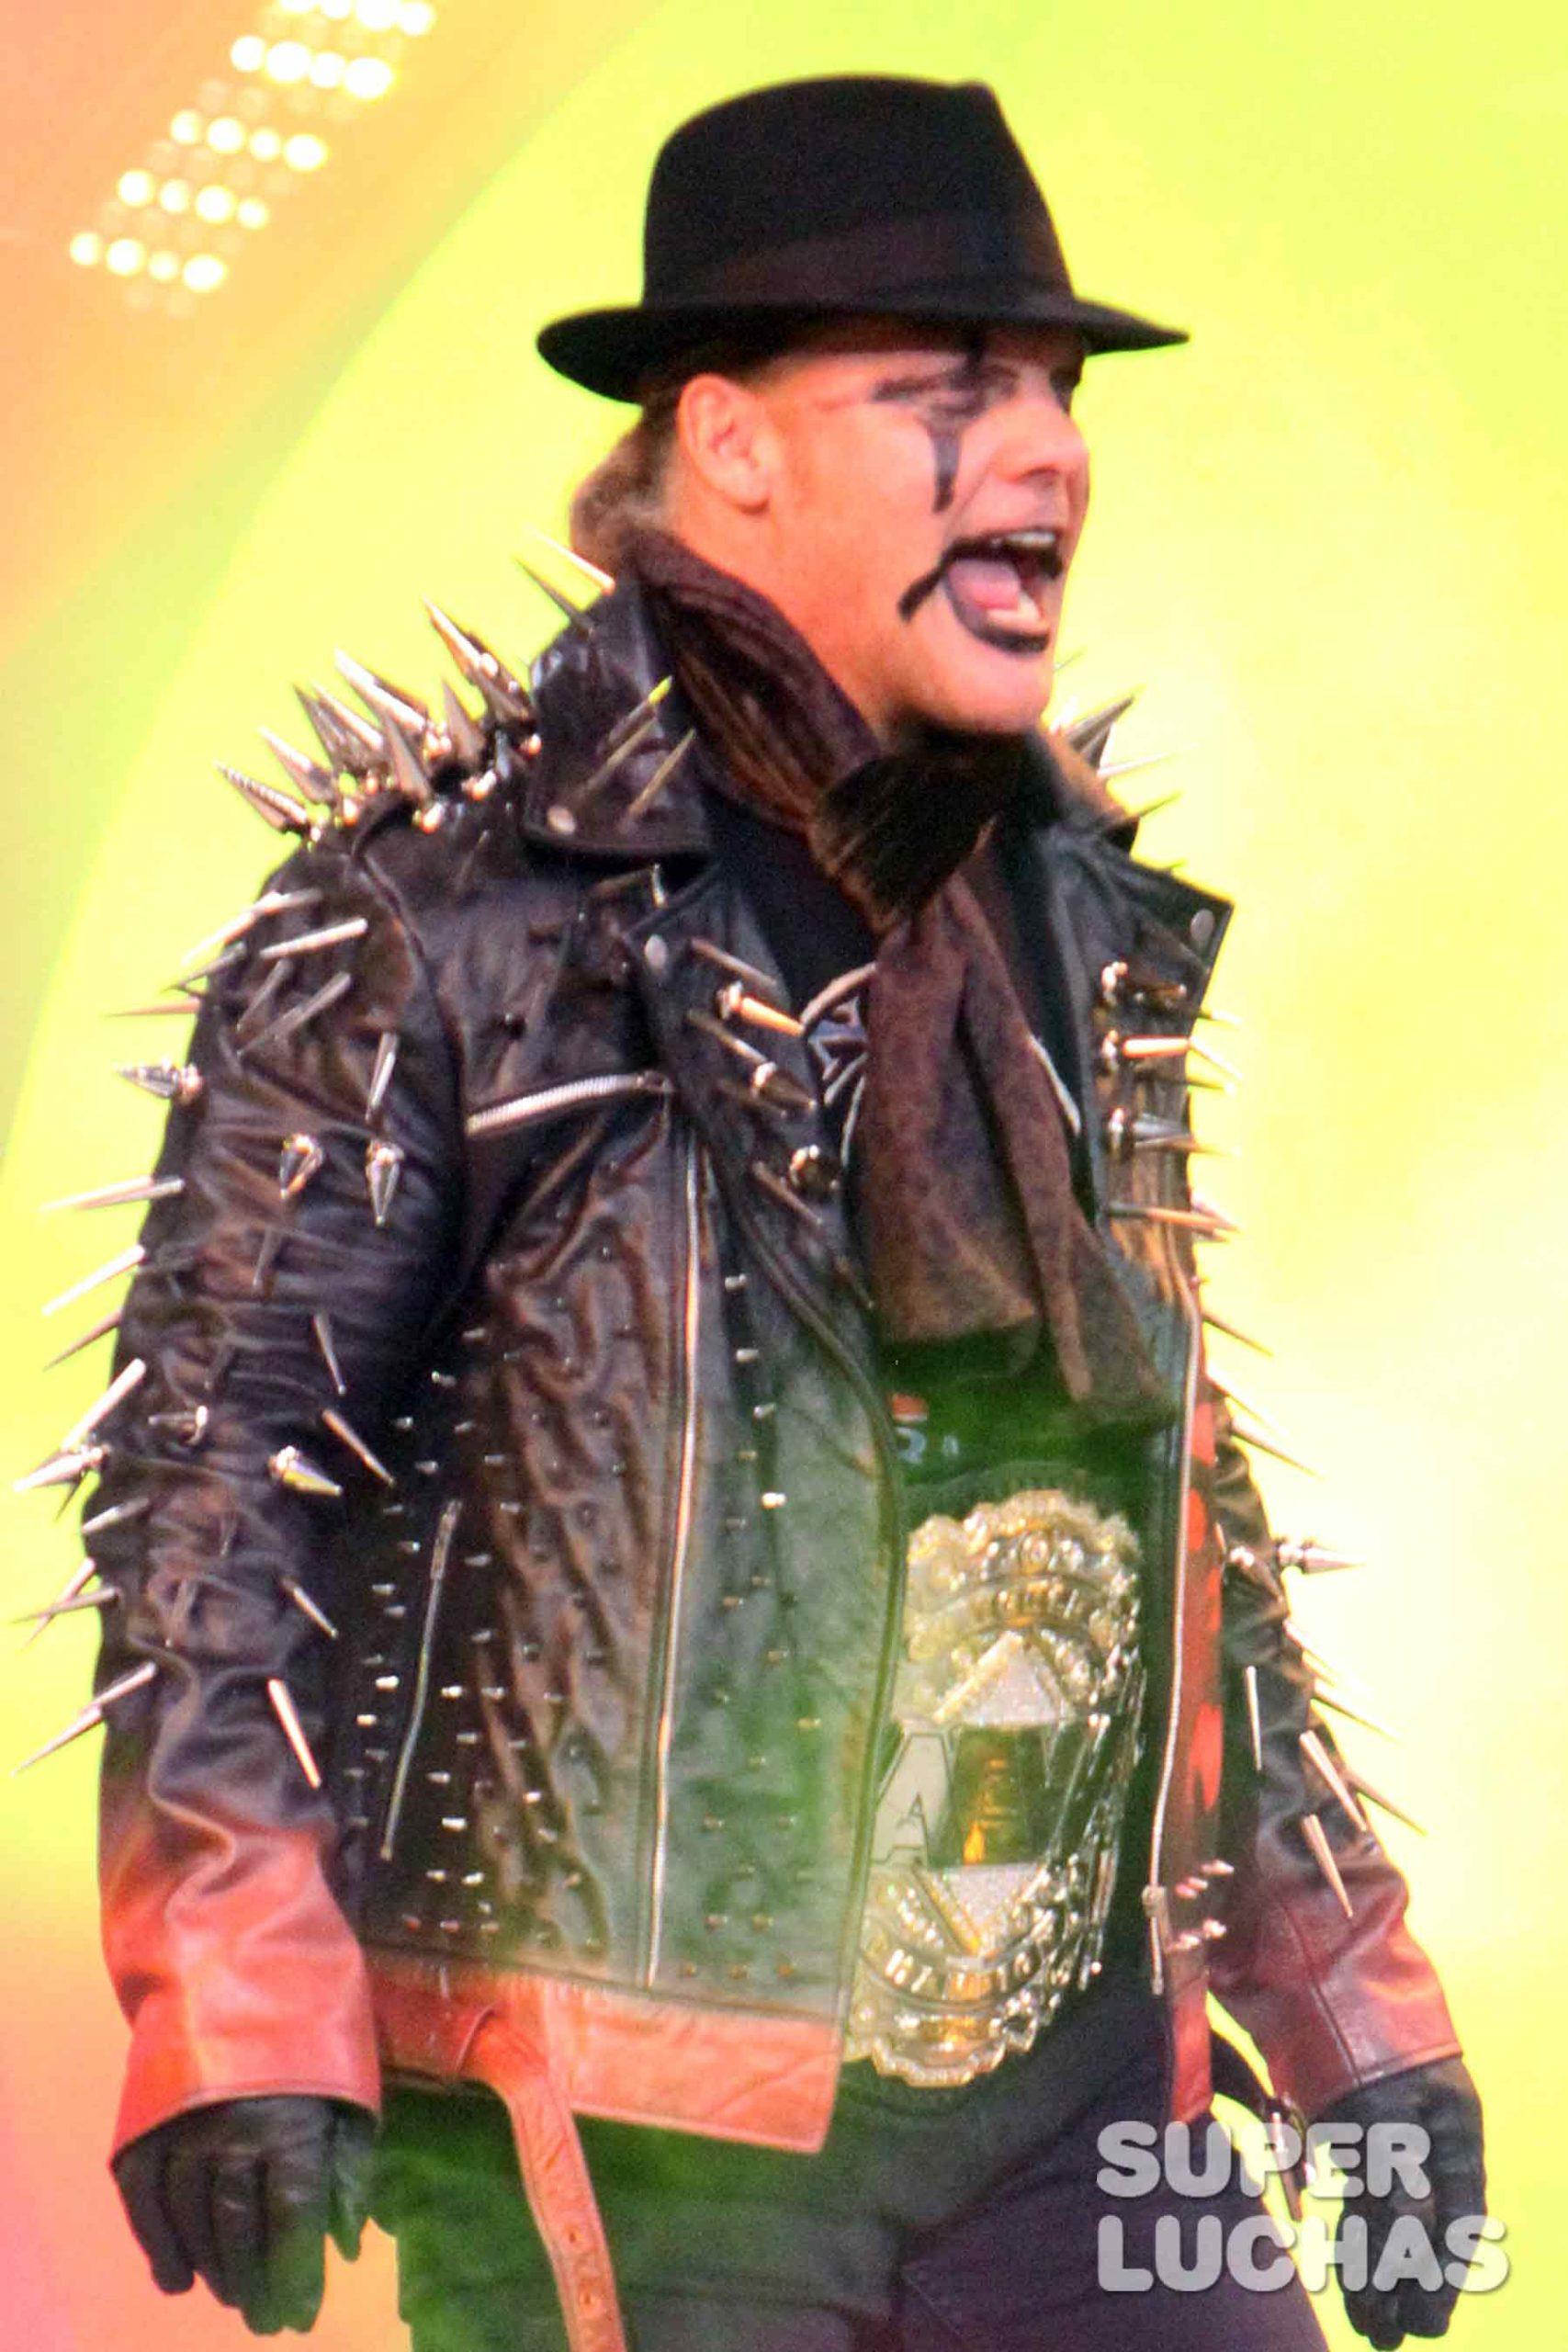 luchadores de WWE a AEW